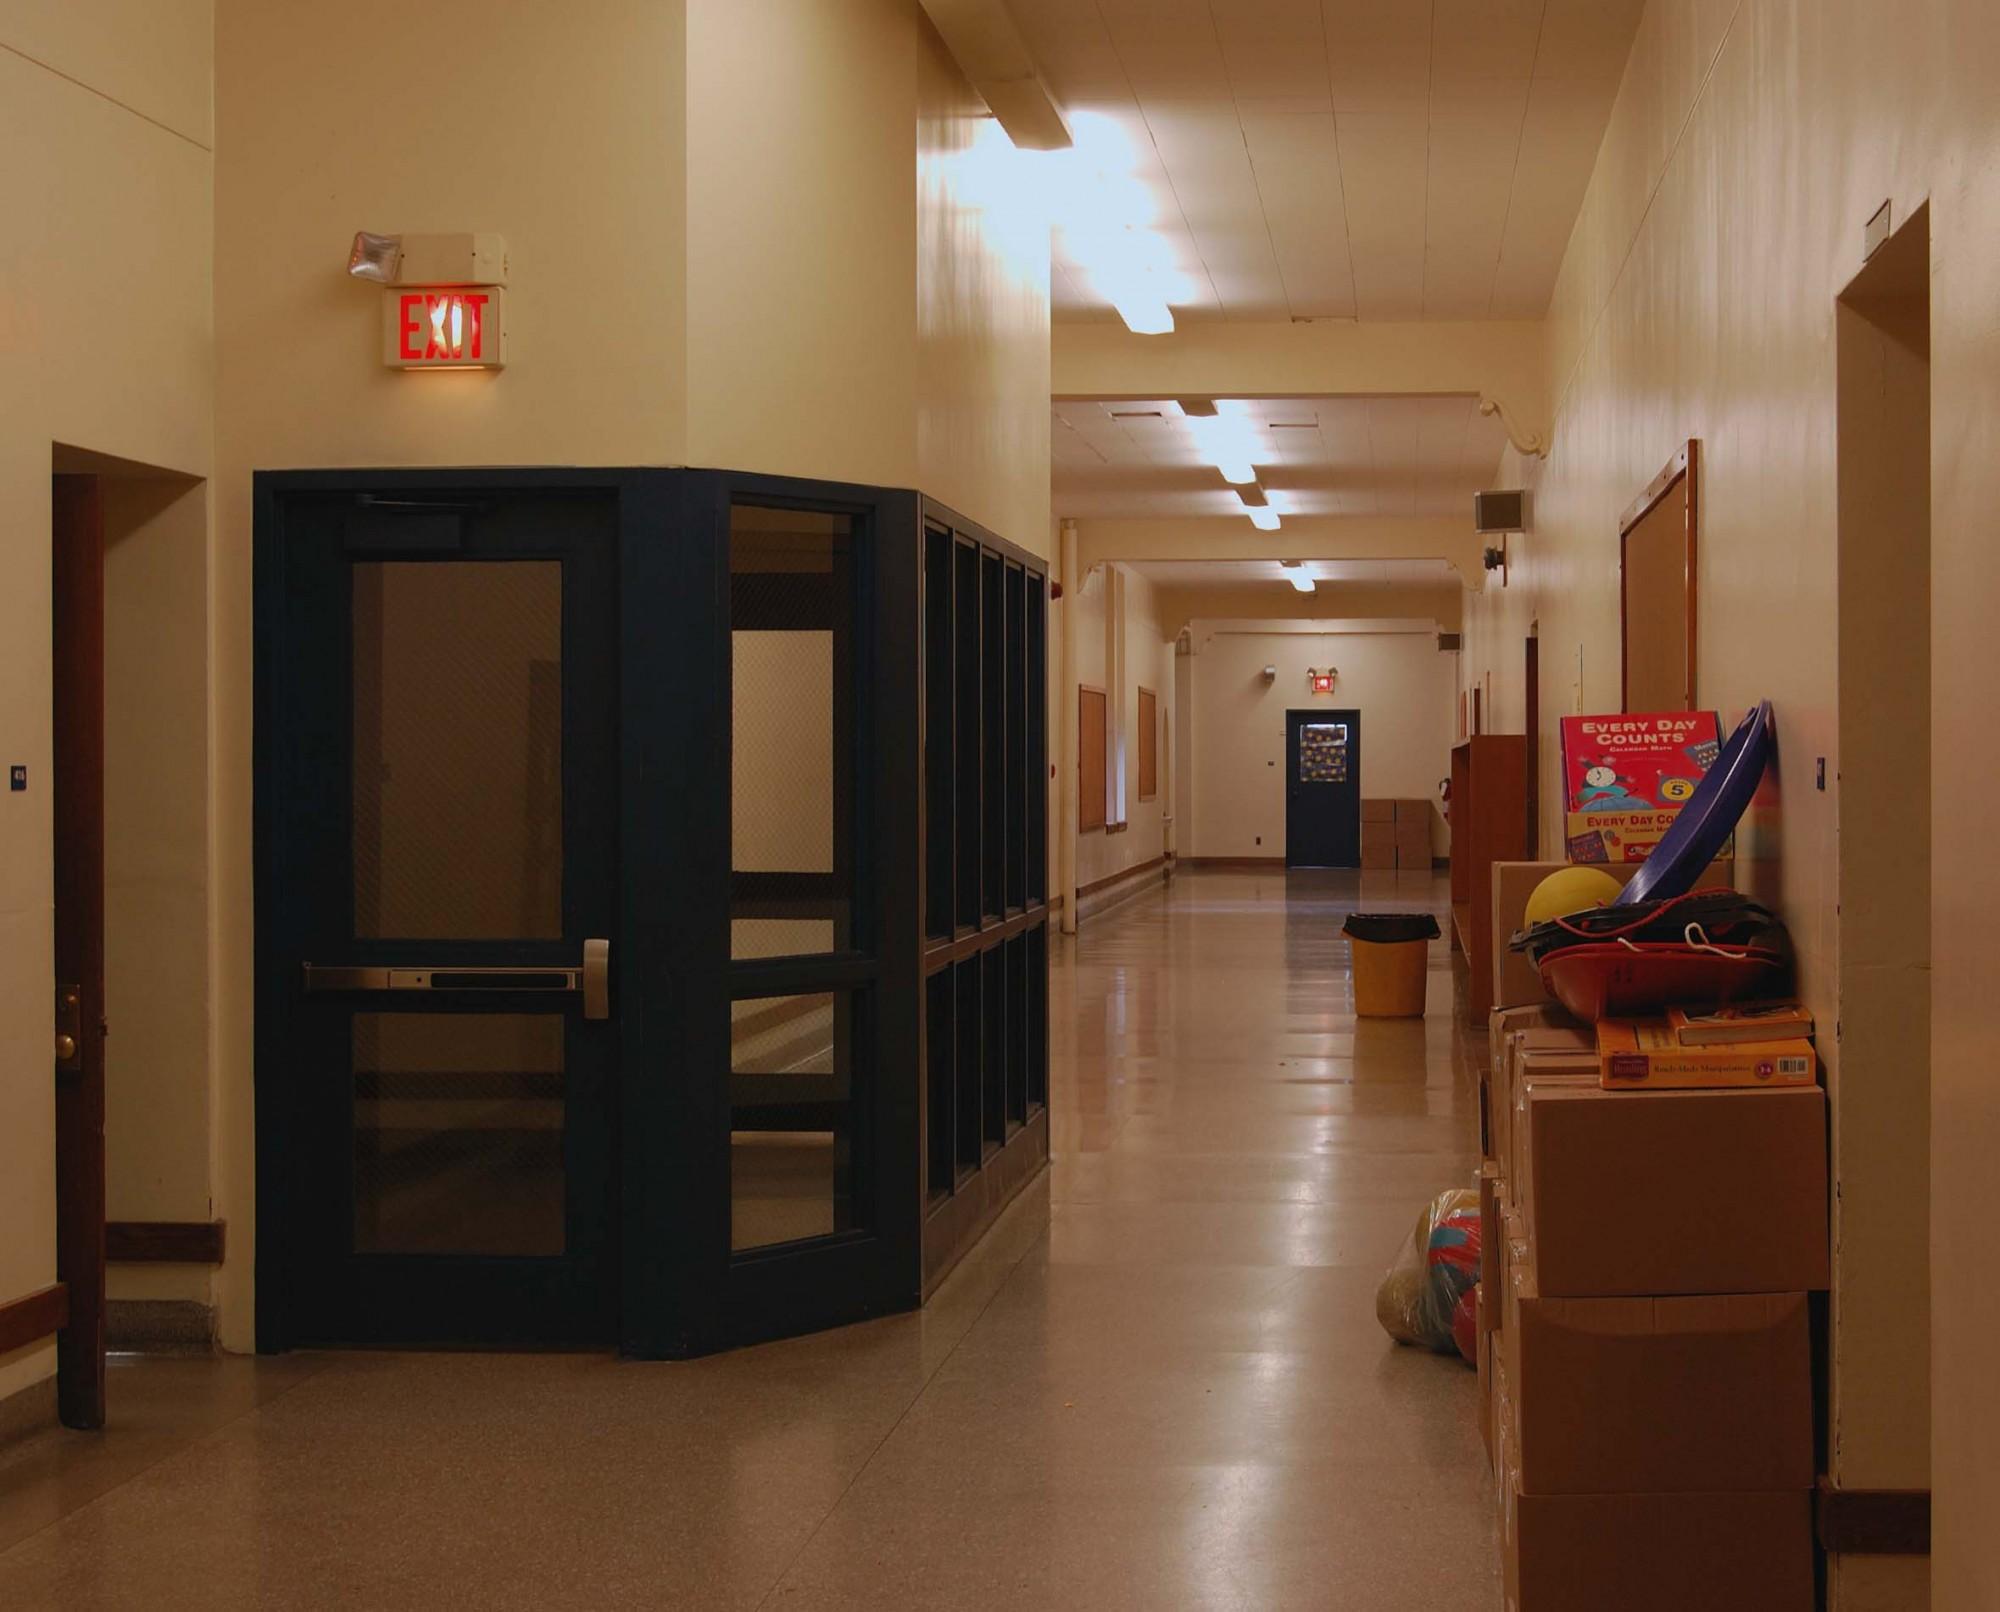 Eastern Elementary School 3rd Floor